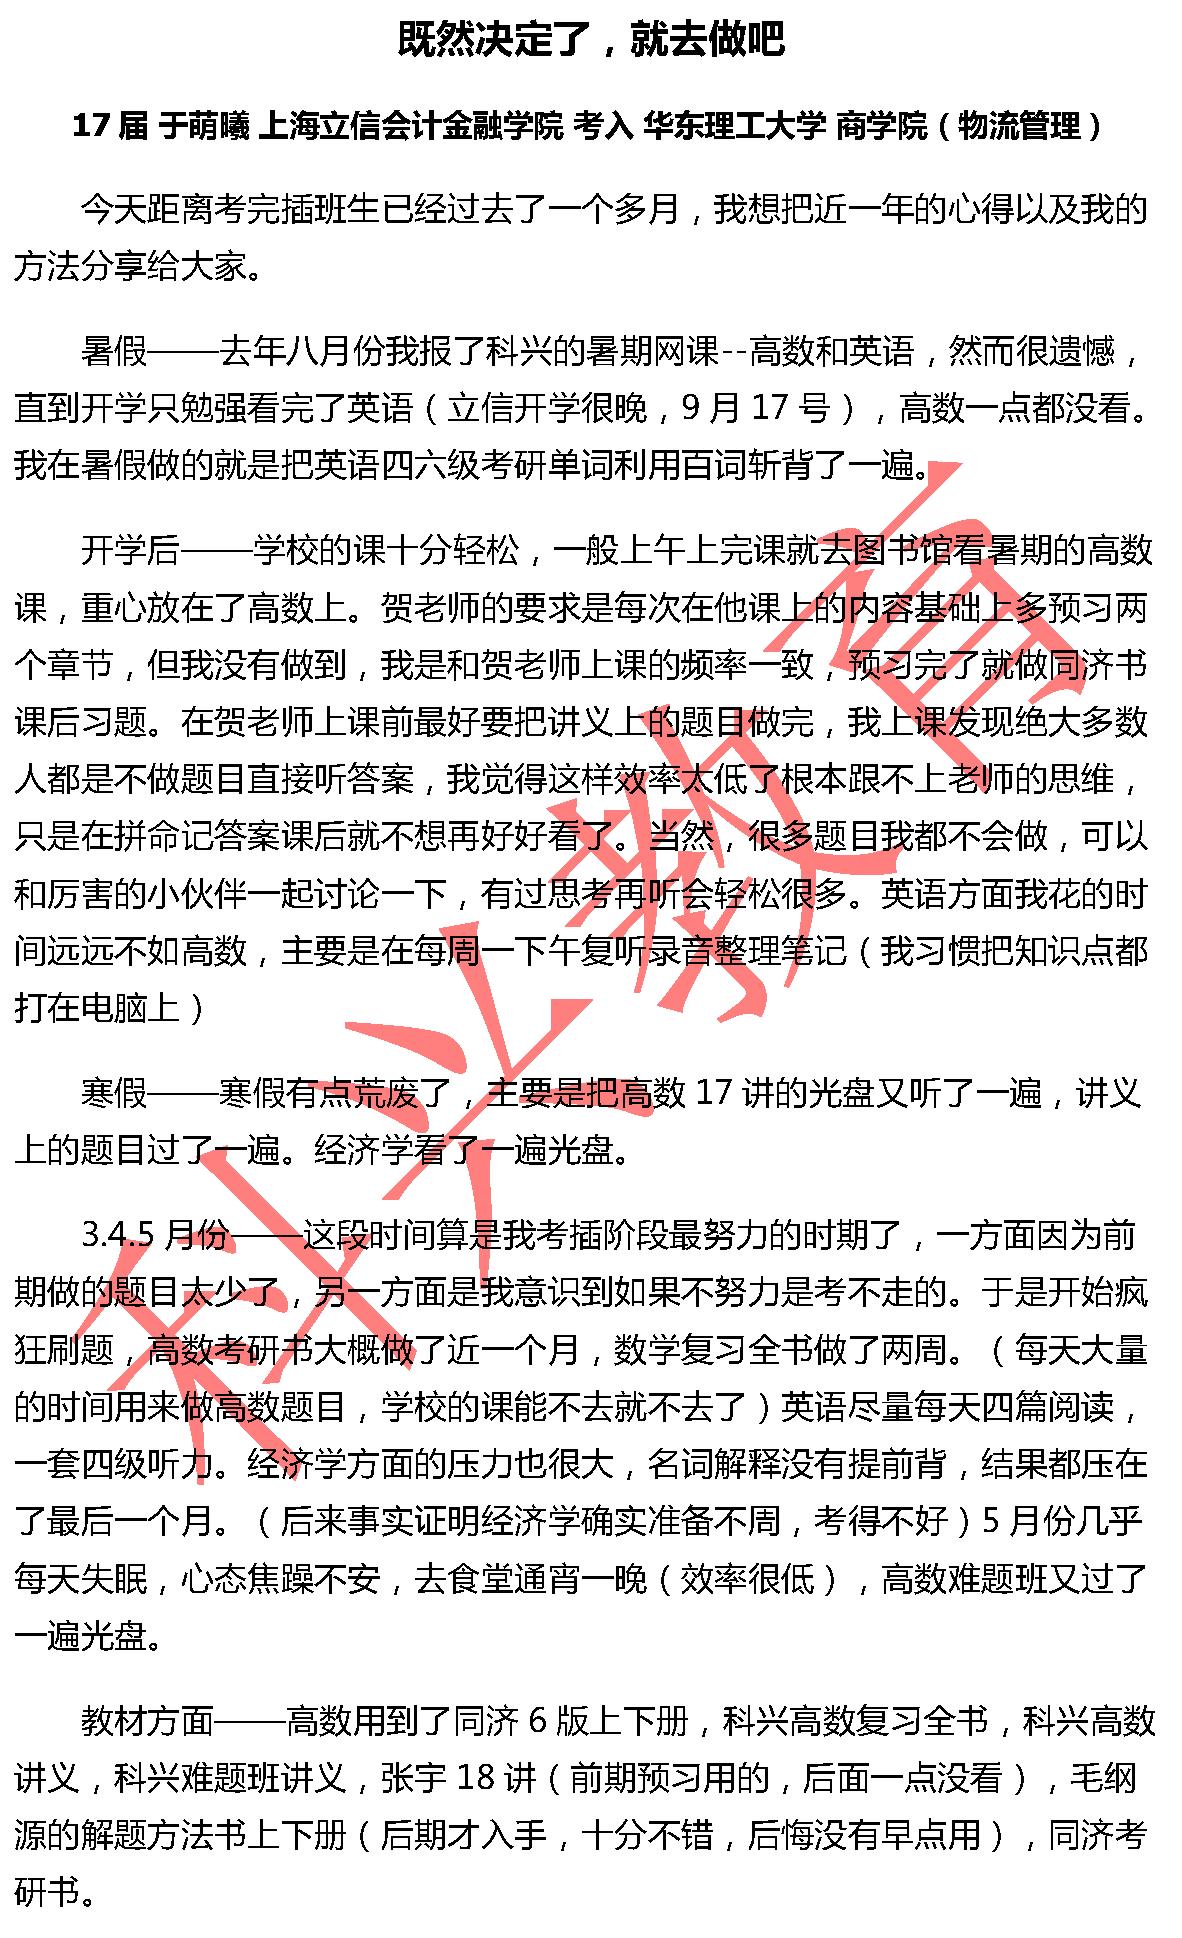 华东理工于萌曦:既然决定了,就去做吧(17届)